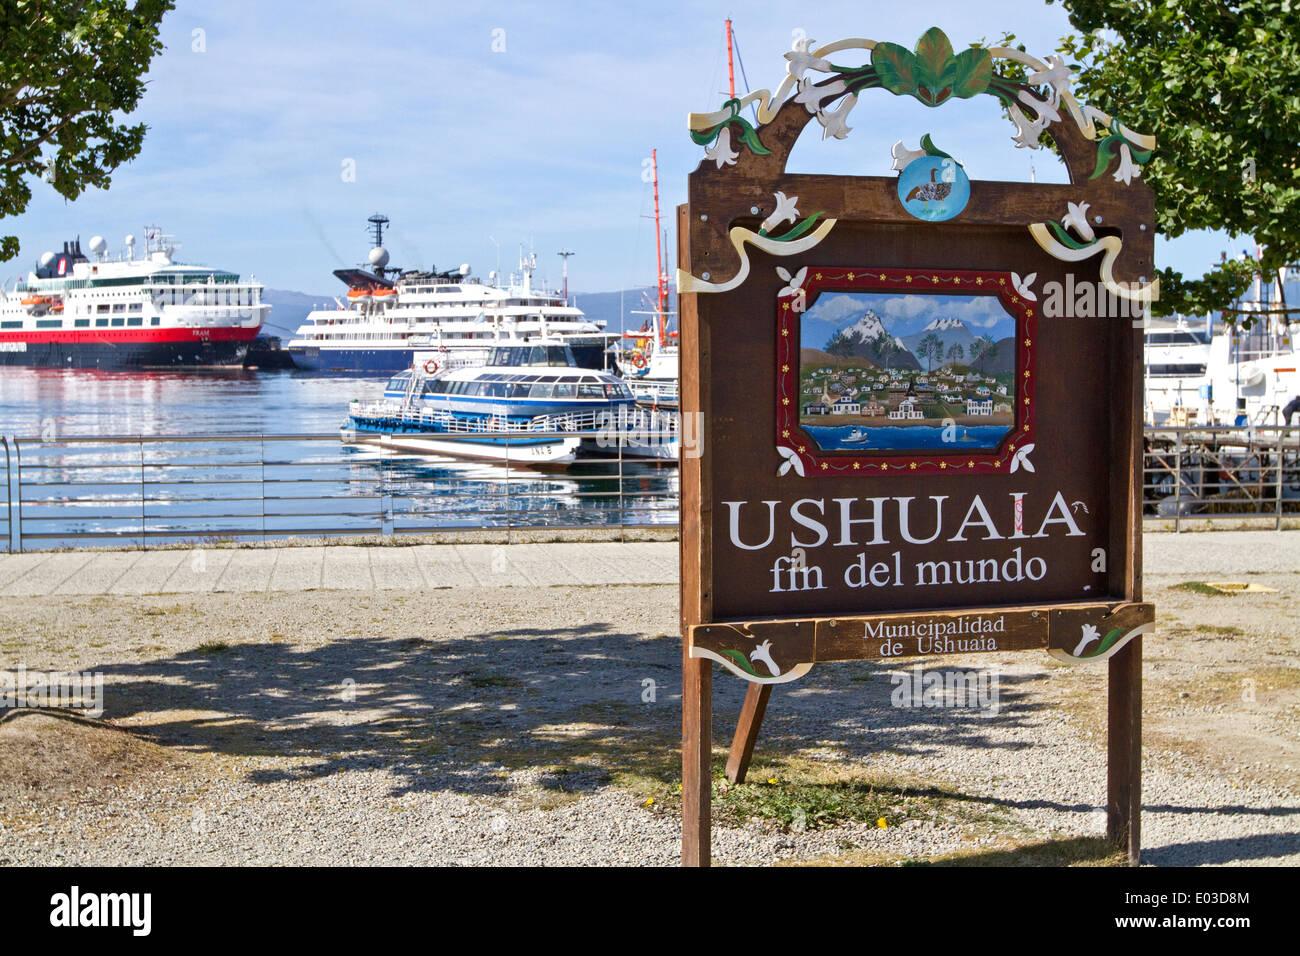 Ushuaia Argentinien Ende der Erdzeichen mit touristischen Kreuzfahrtschiff, Schiffe im Hintergrund in die Antarktis Reisen vorbereiten. Stockbild